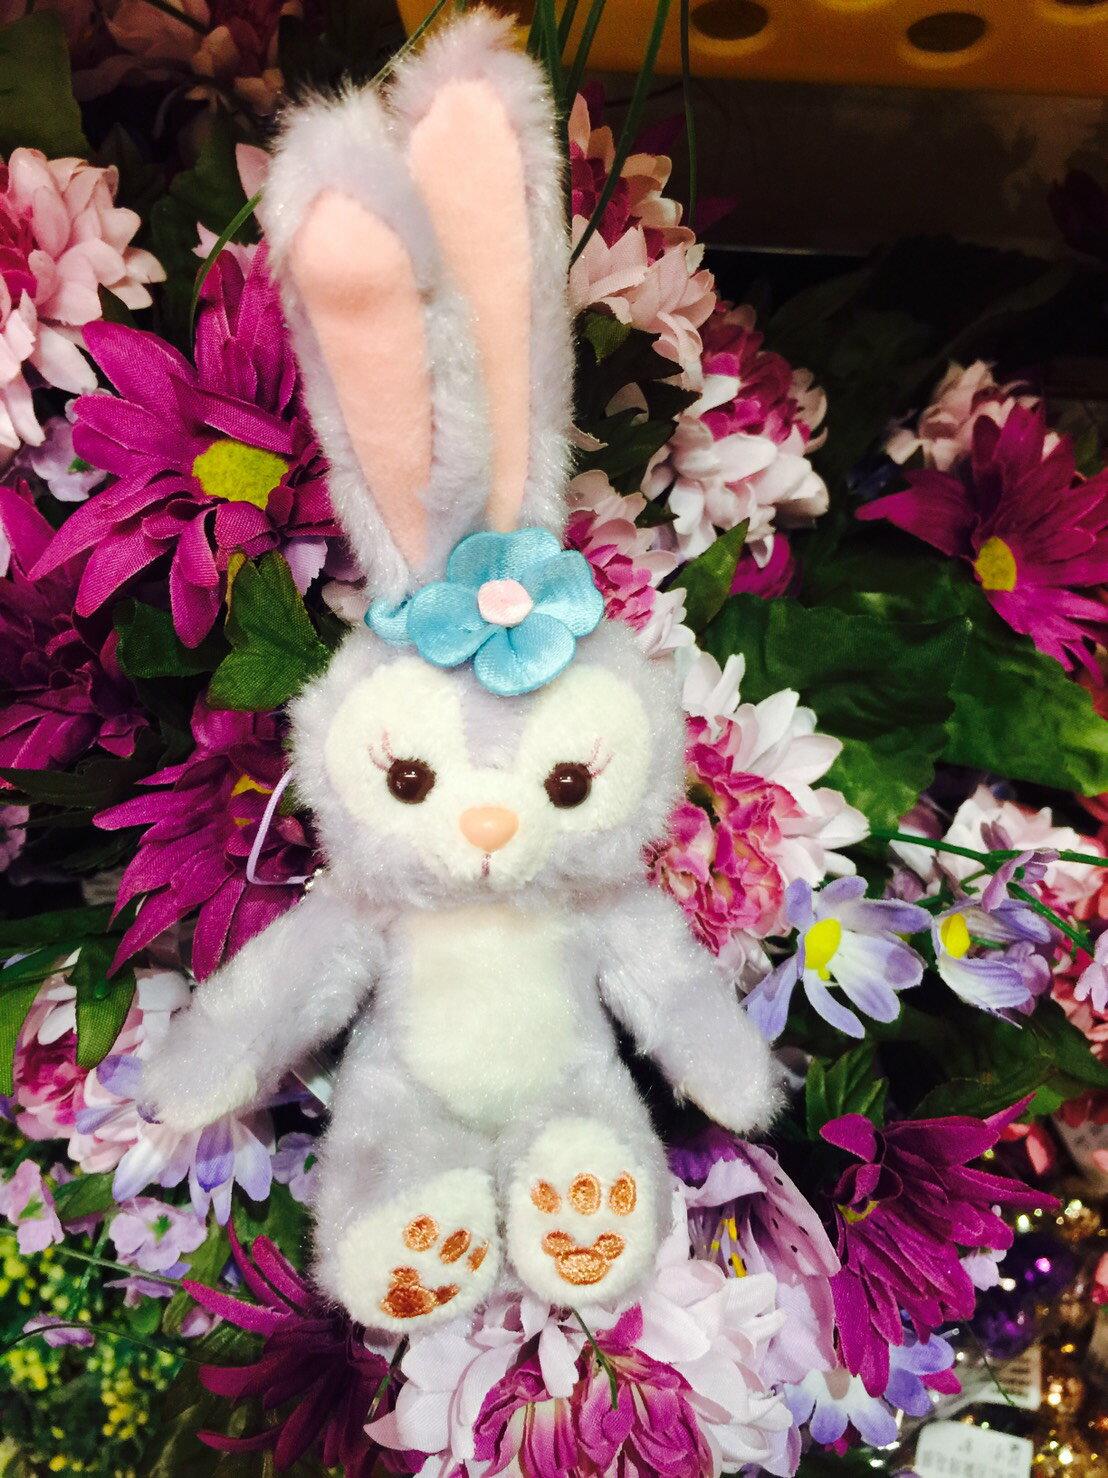 X射線【C917010】日本東京迪士尼代購-史黛拉 Stella Lou 裸身娃娃吊飾-坐姿,包包掛飾/鑰匙圈/兔子芭蕾/雪莉玫/達菲/畫家